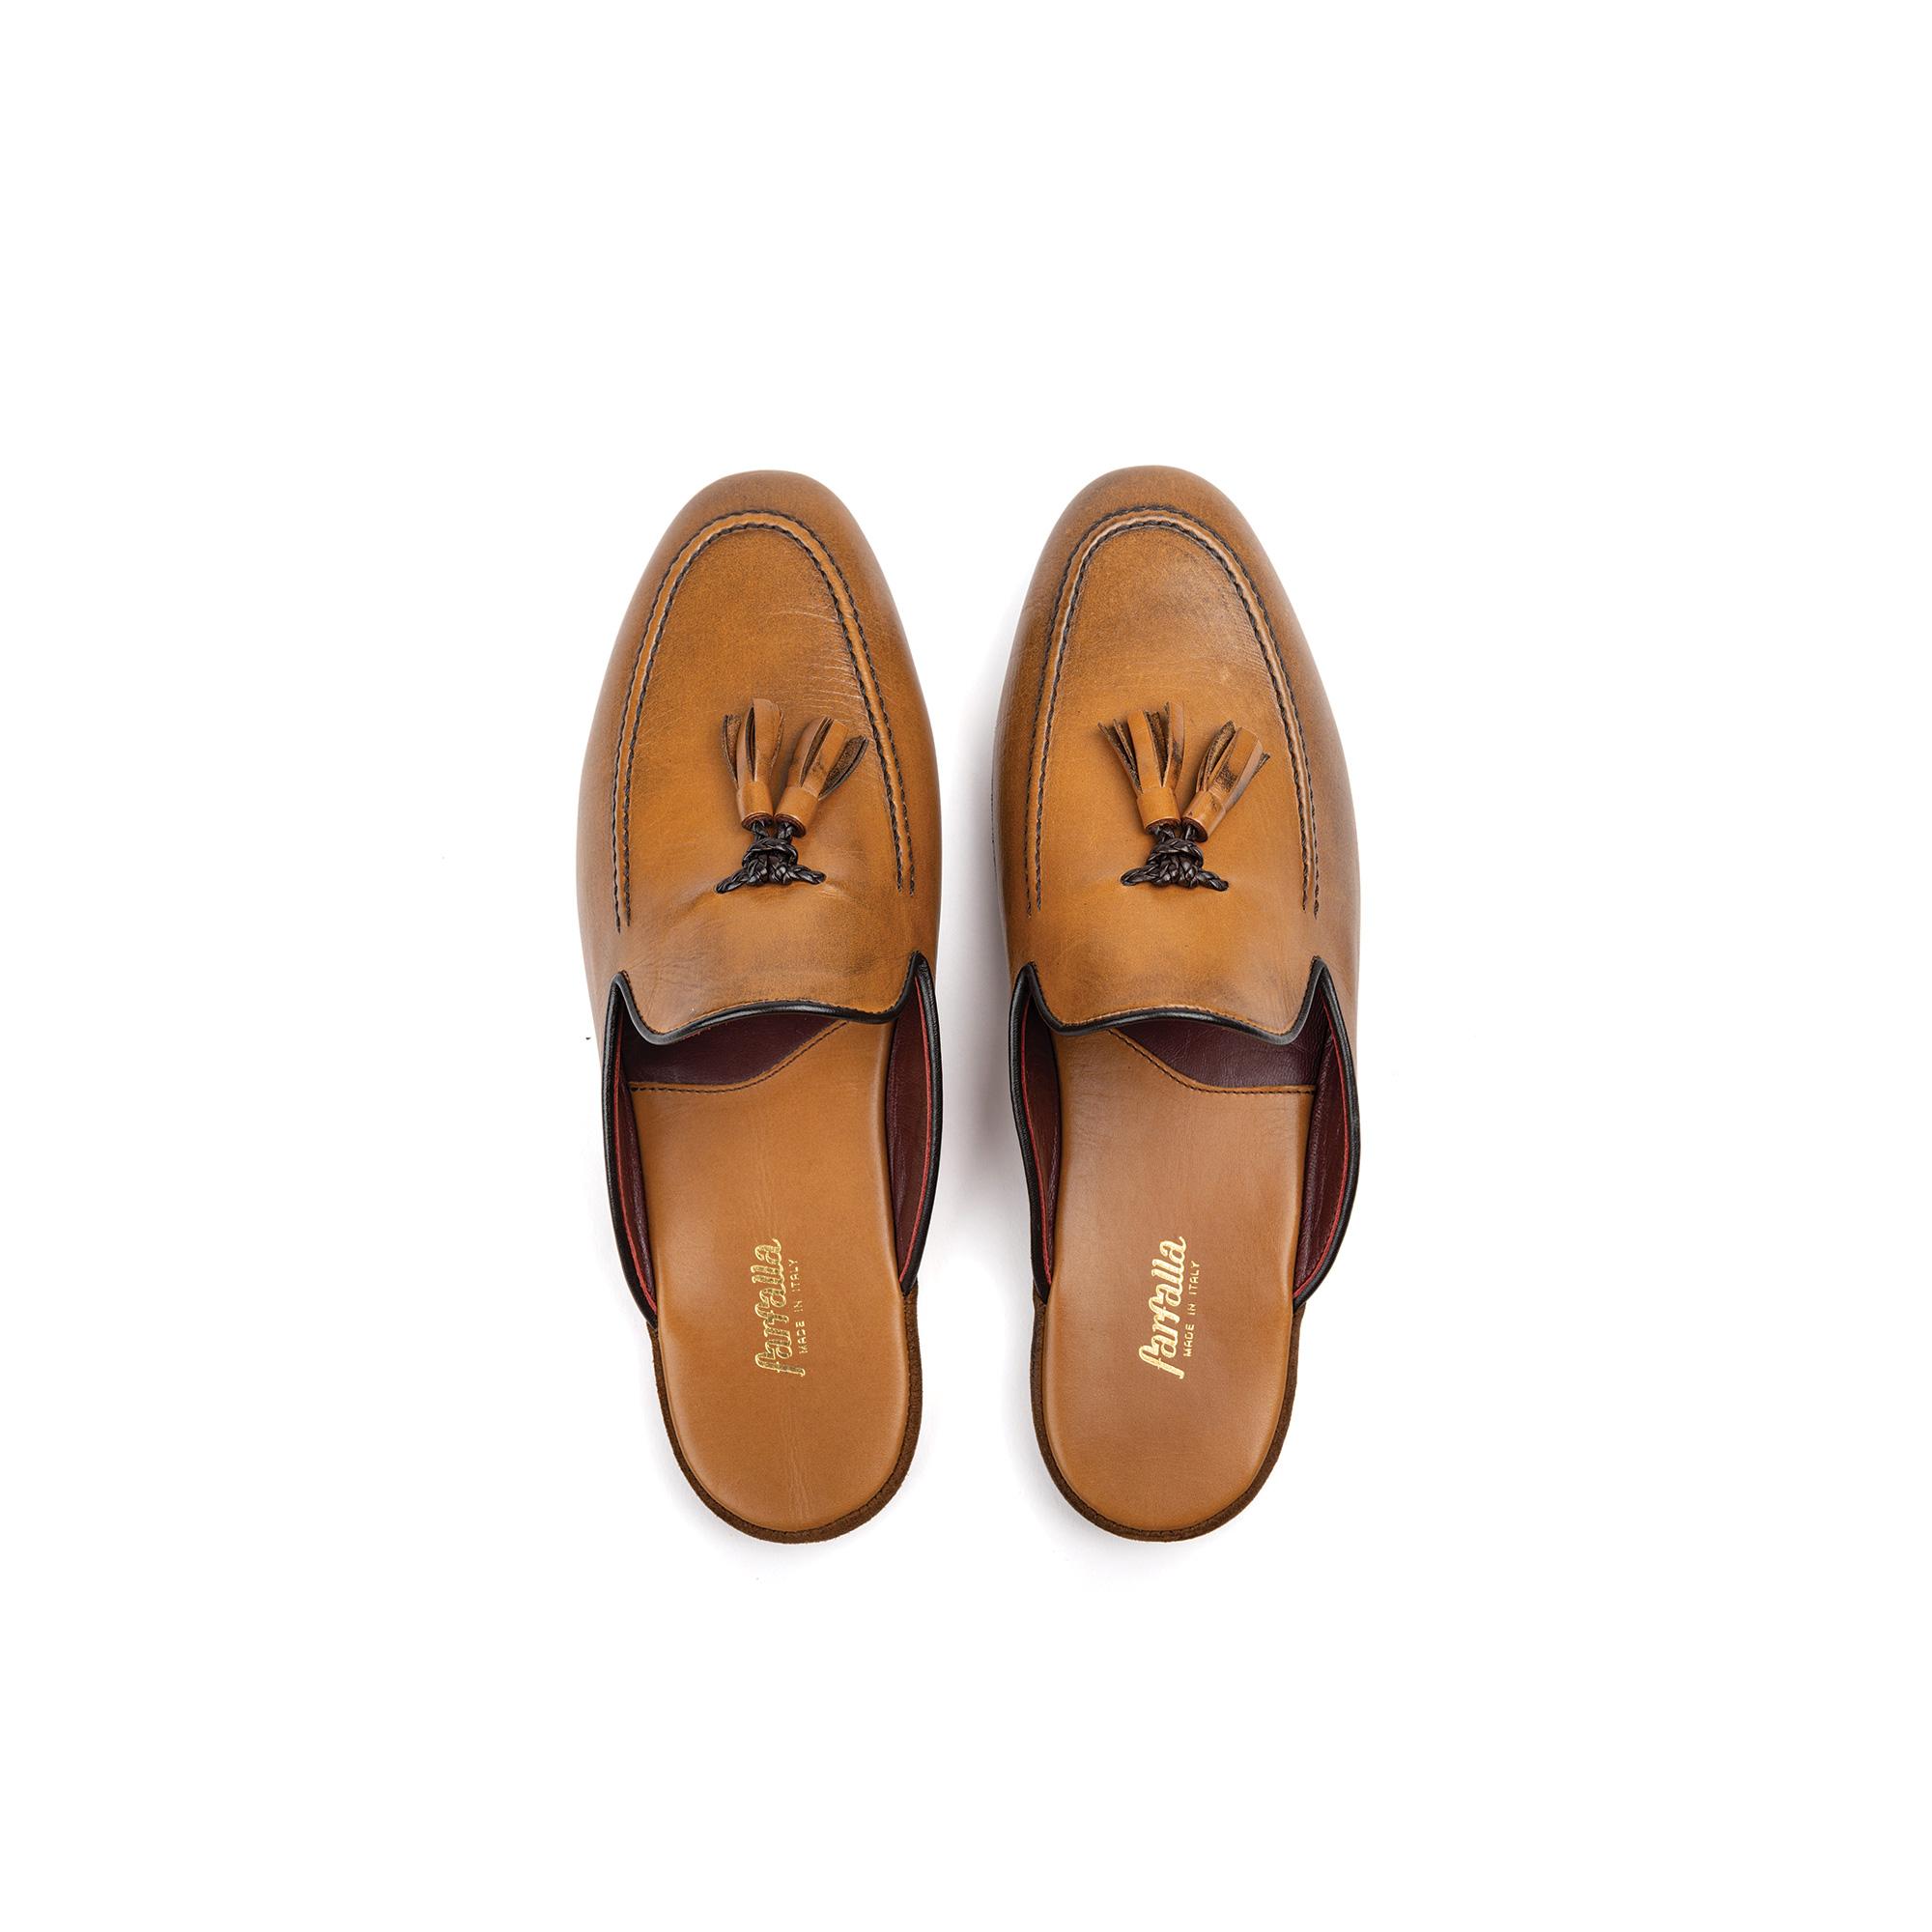 Pantofola interno classico in pelle vitello cuoio - Farfalla italian slippers